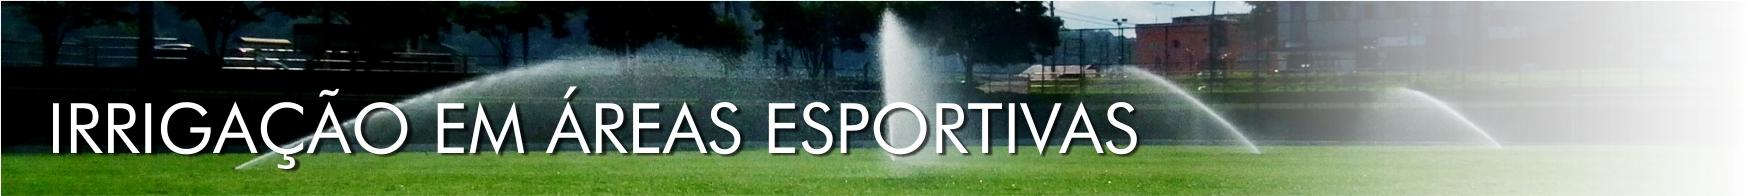 Irrigação em Áreas Esportivas